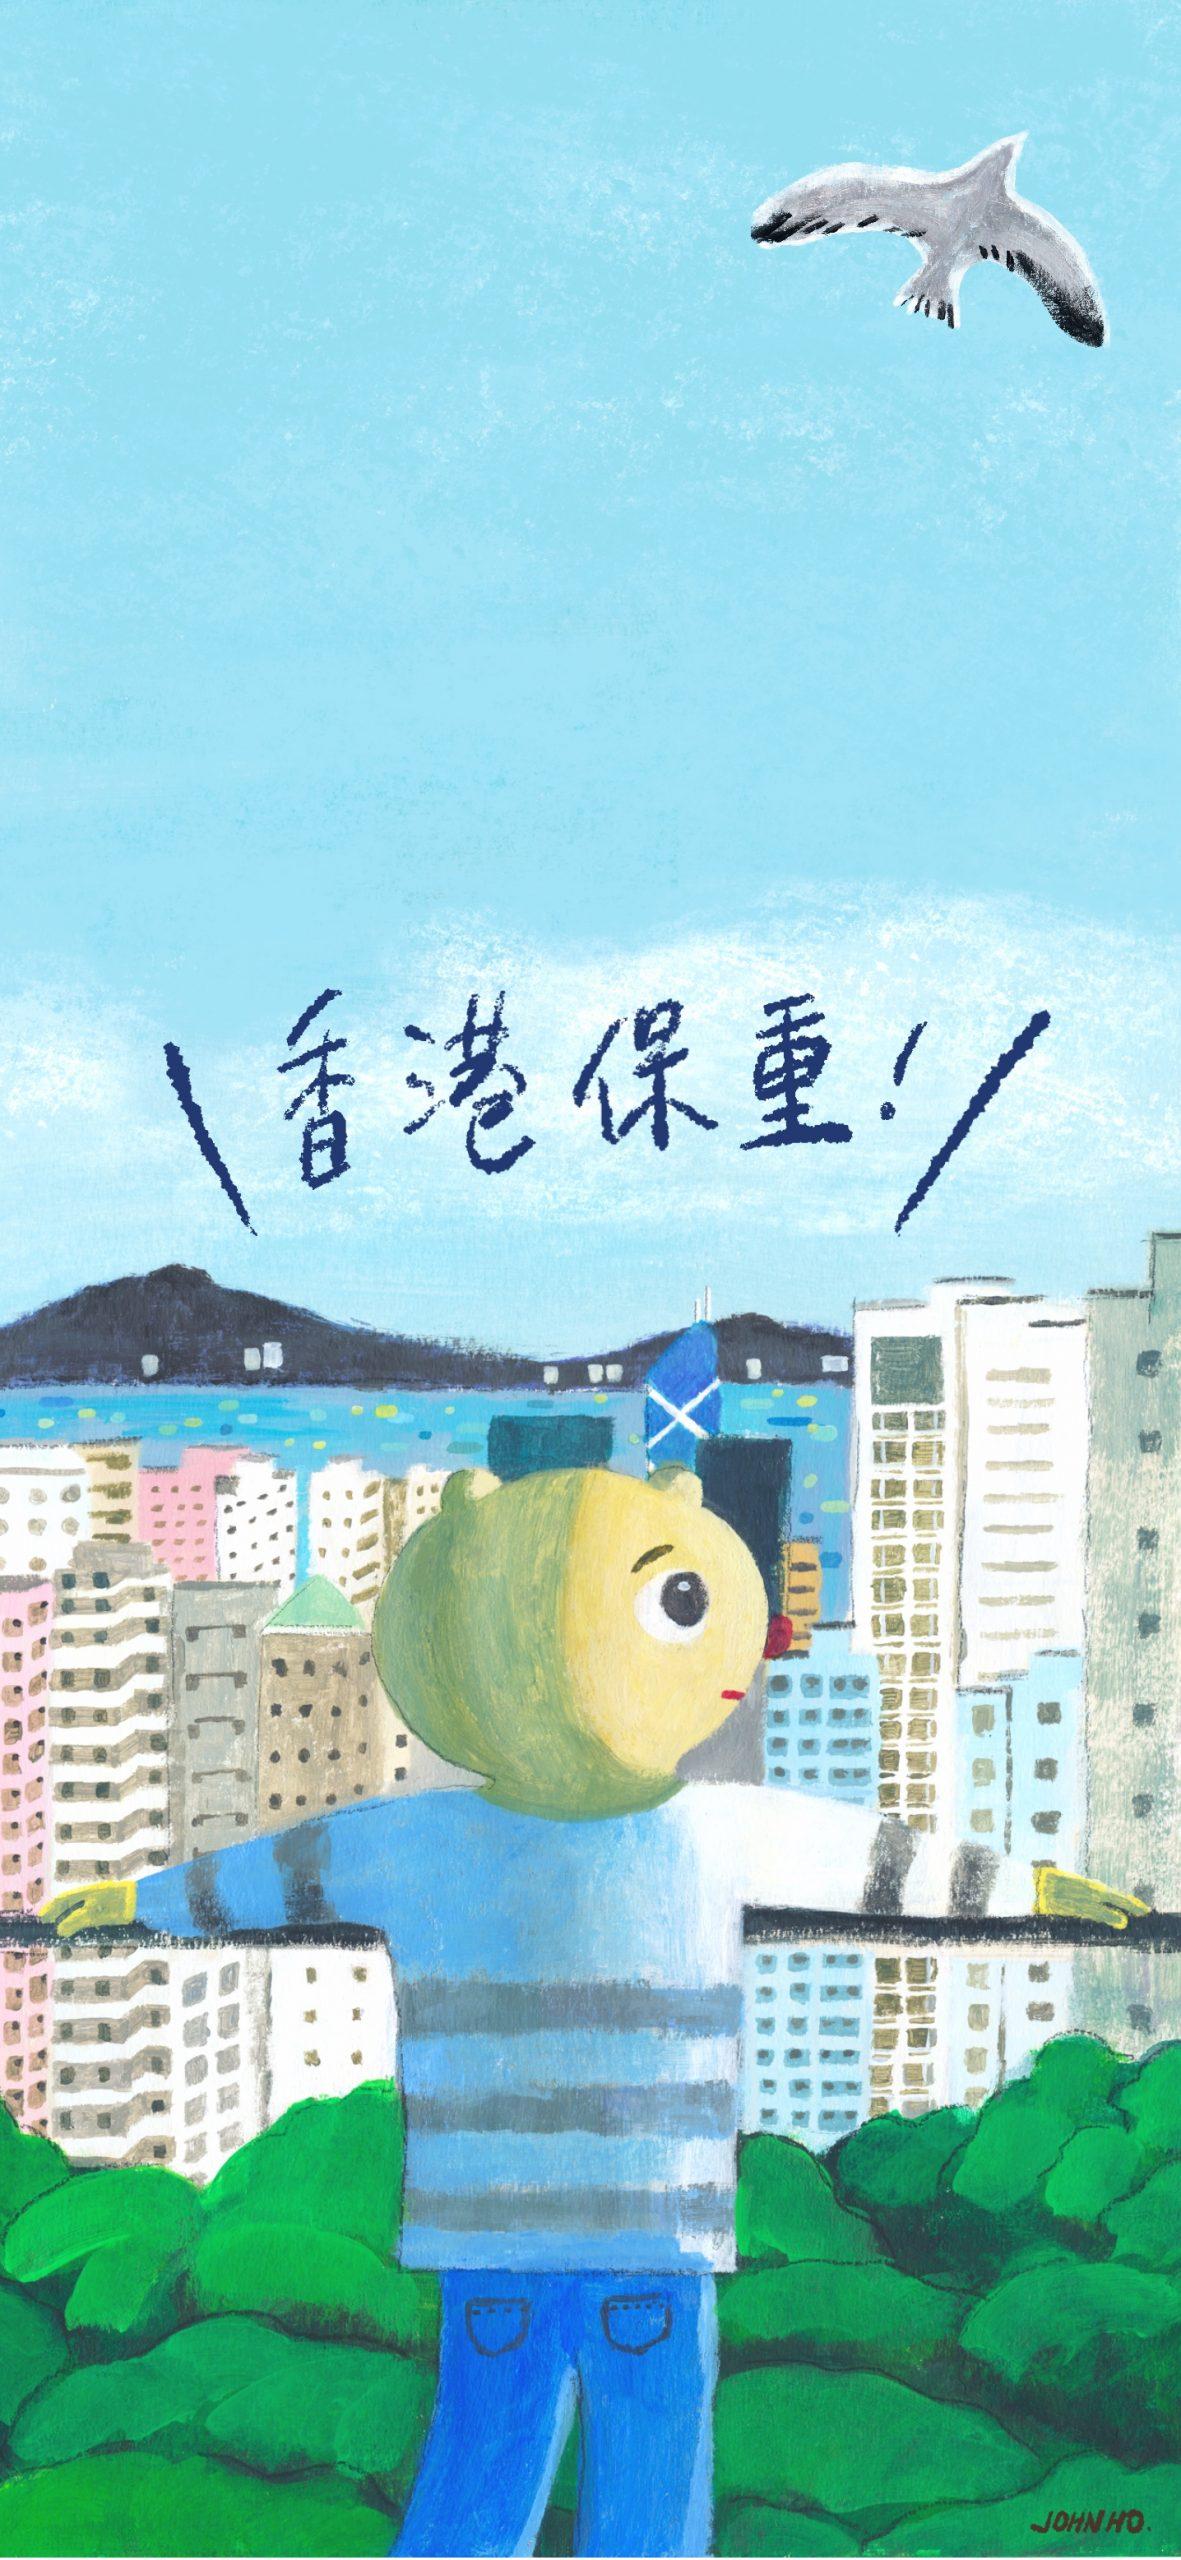 連儂Wallpaper-John Ho